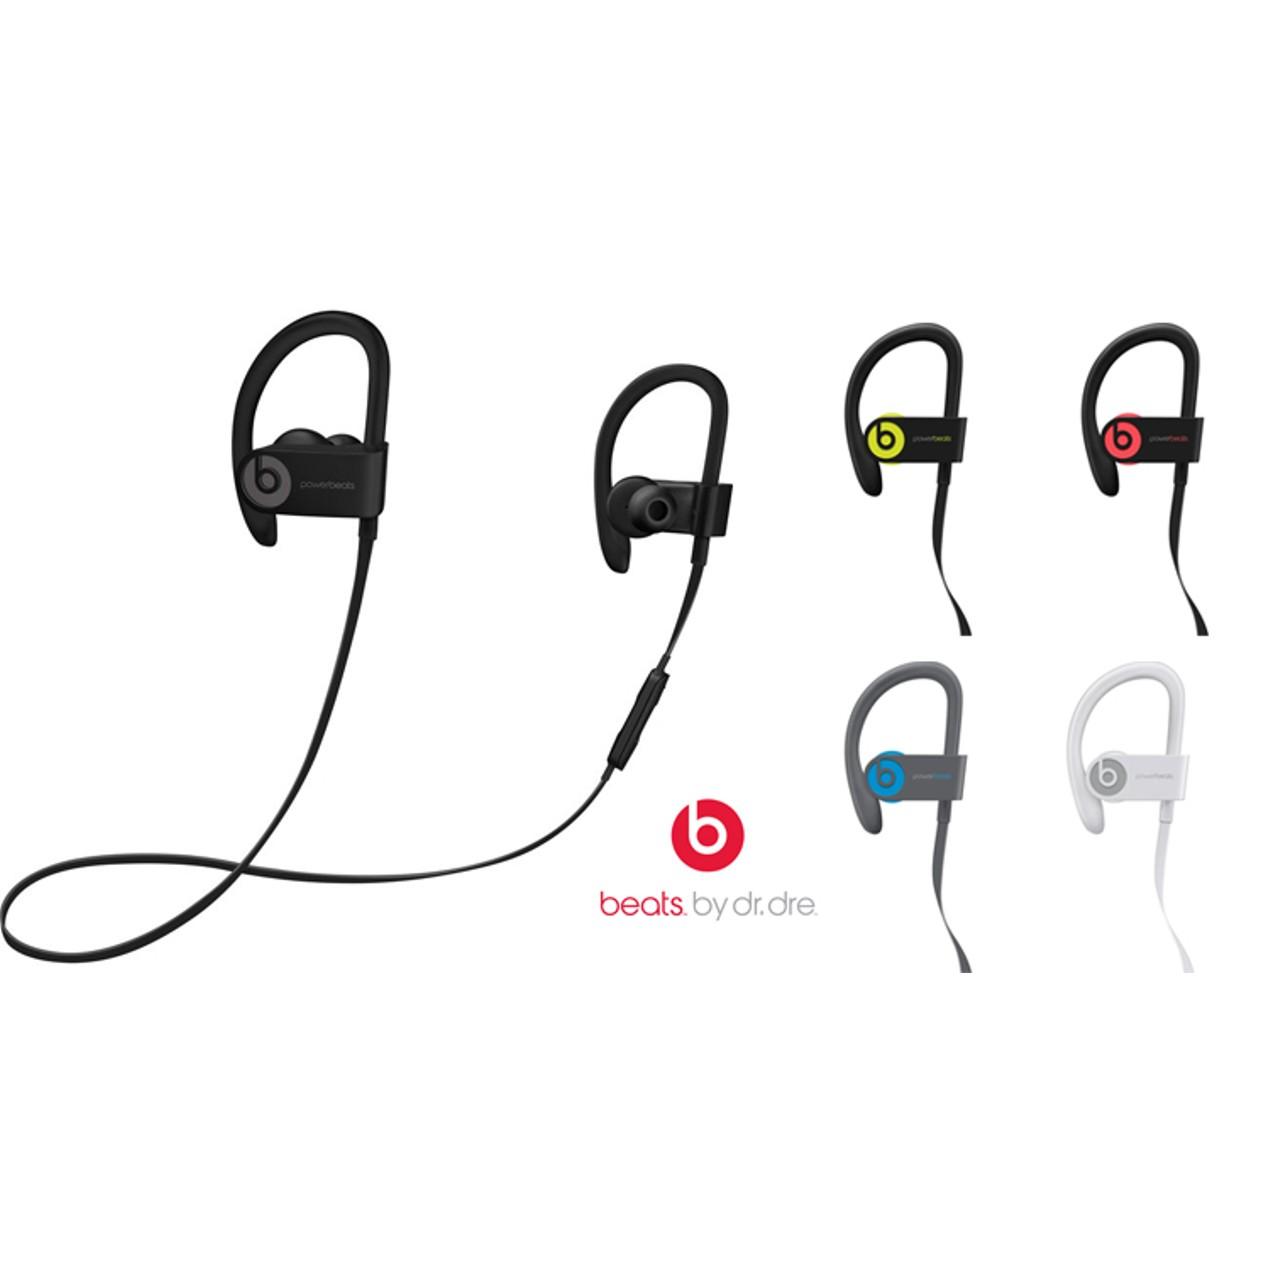 396edf01fdd Beats by Dr. Dre Powerbeats3 Wireless In-Ear Headphones - Tanga